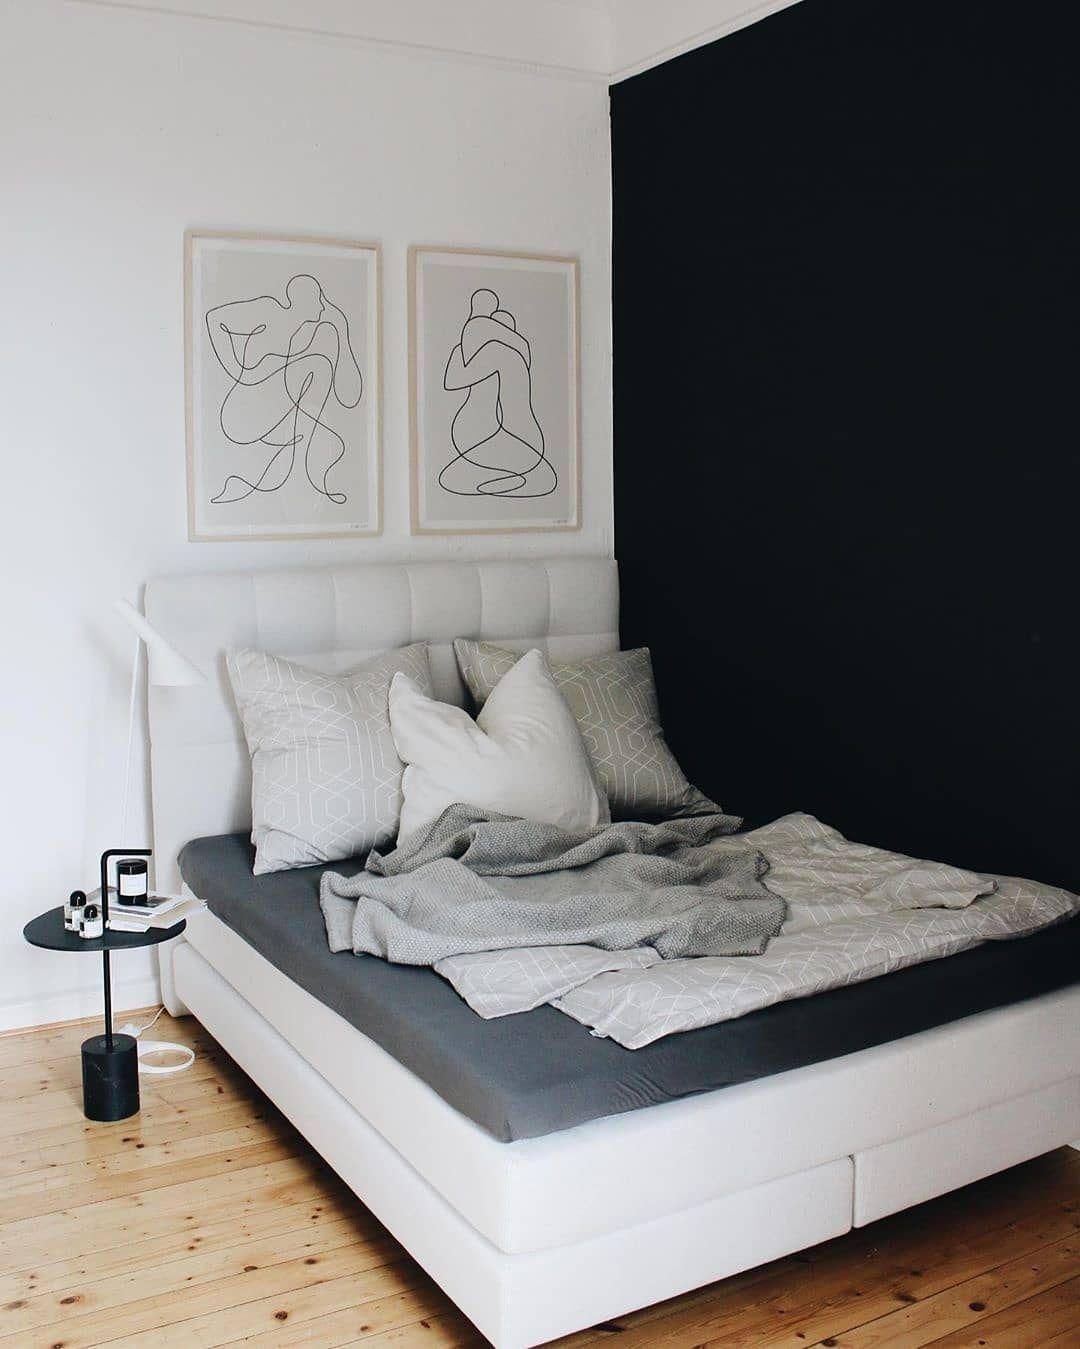 Strahlend Weisses Boxspringbett Vor Dunklen Blauer Wand Bilden Einen Wunderbaren Kontrast Zum Holzboden Das Schlafzimmer Ist Minimalistis Home Decor Decor Home